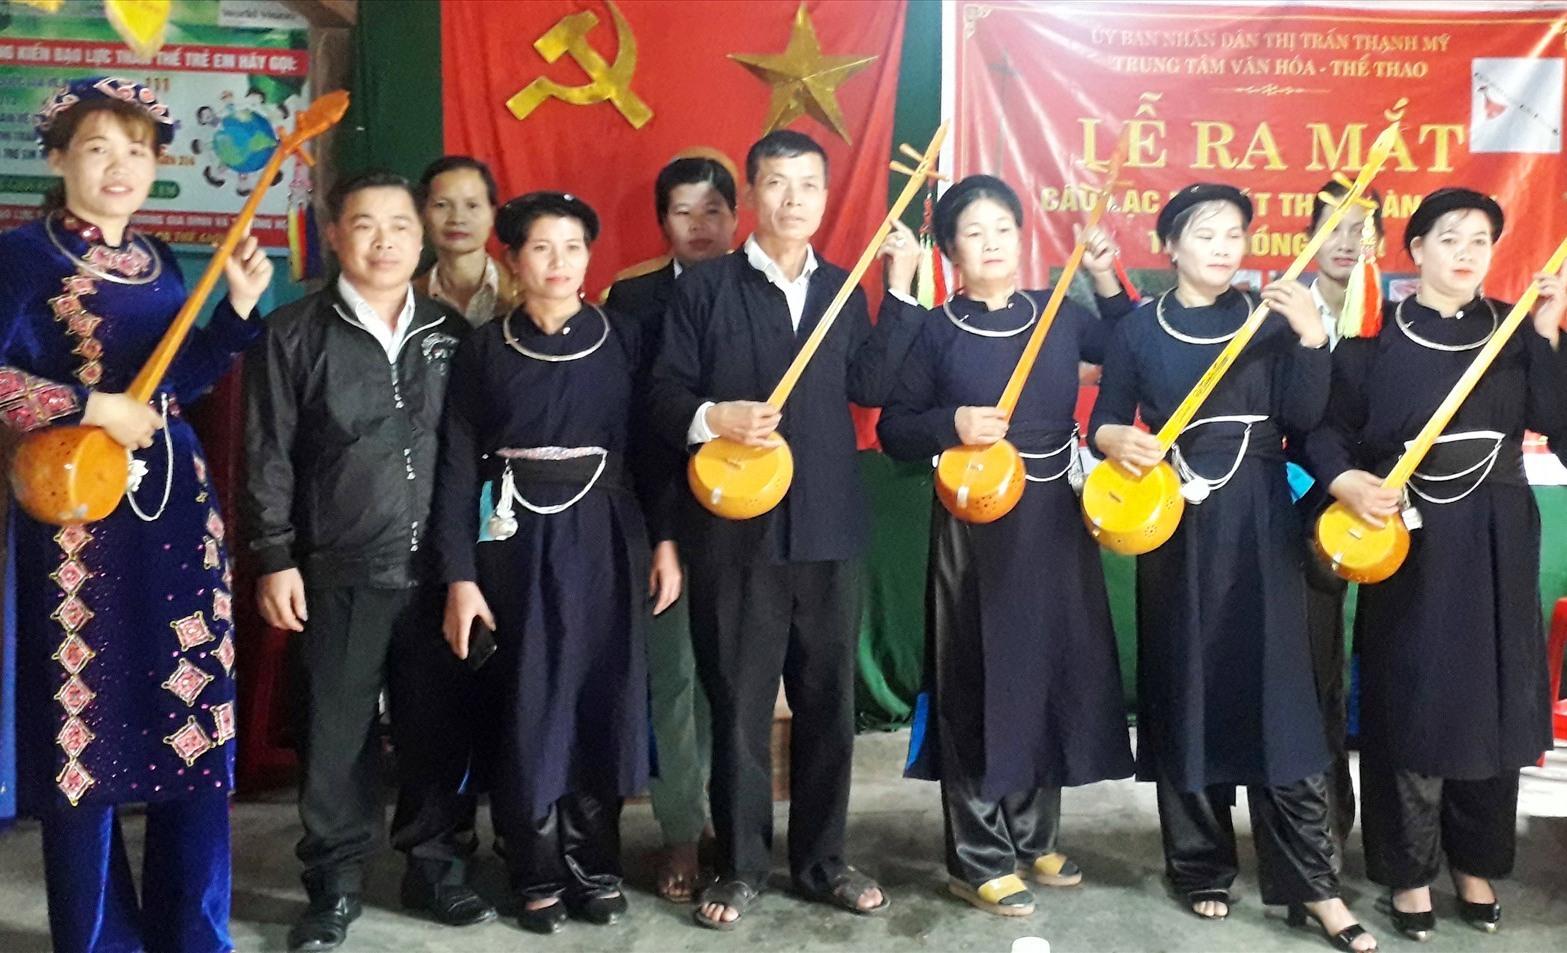 Các thành viên Câu lạc bộ Hát then đàn tính thôn Đồng Râm tại lễ ra mắt. Ảnh: V.THỦY